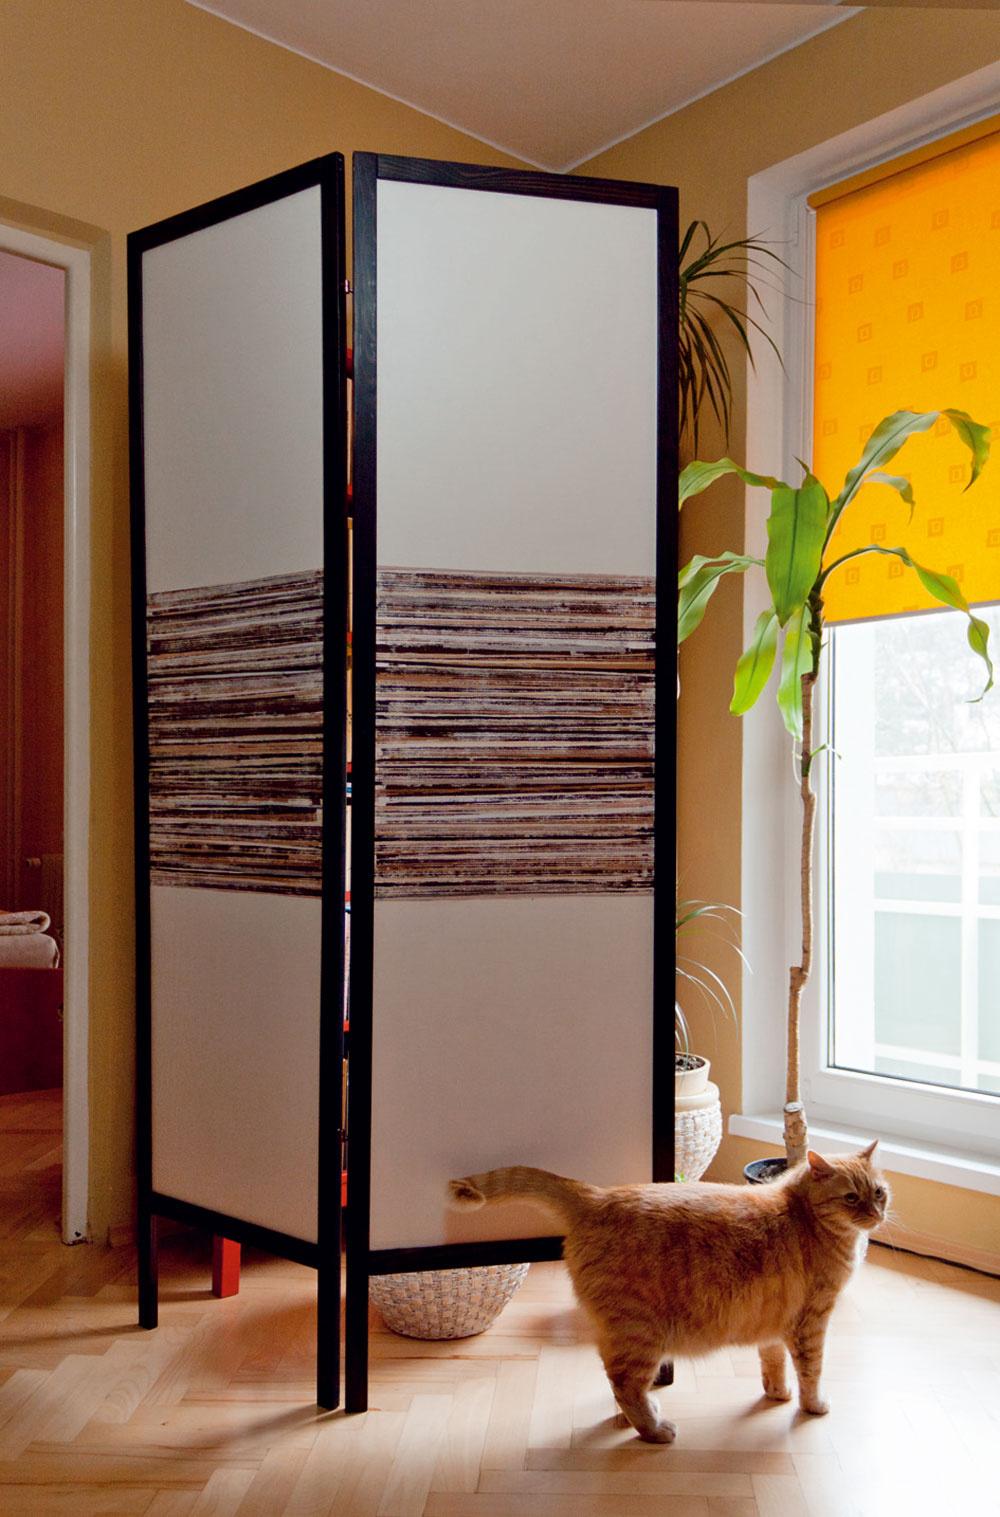 Ručne maľovaným paravánom dotvarujete existujúcu priečku podľa vašich momentálnych potrieb. Splynie sdizajnom celého interiéru astane sa jeho plynulým pokračovaním.